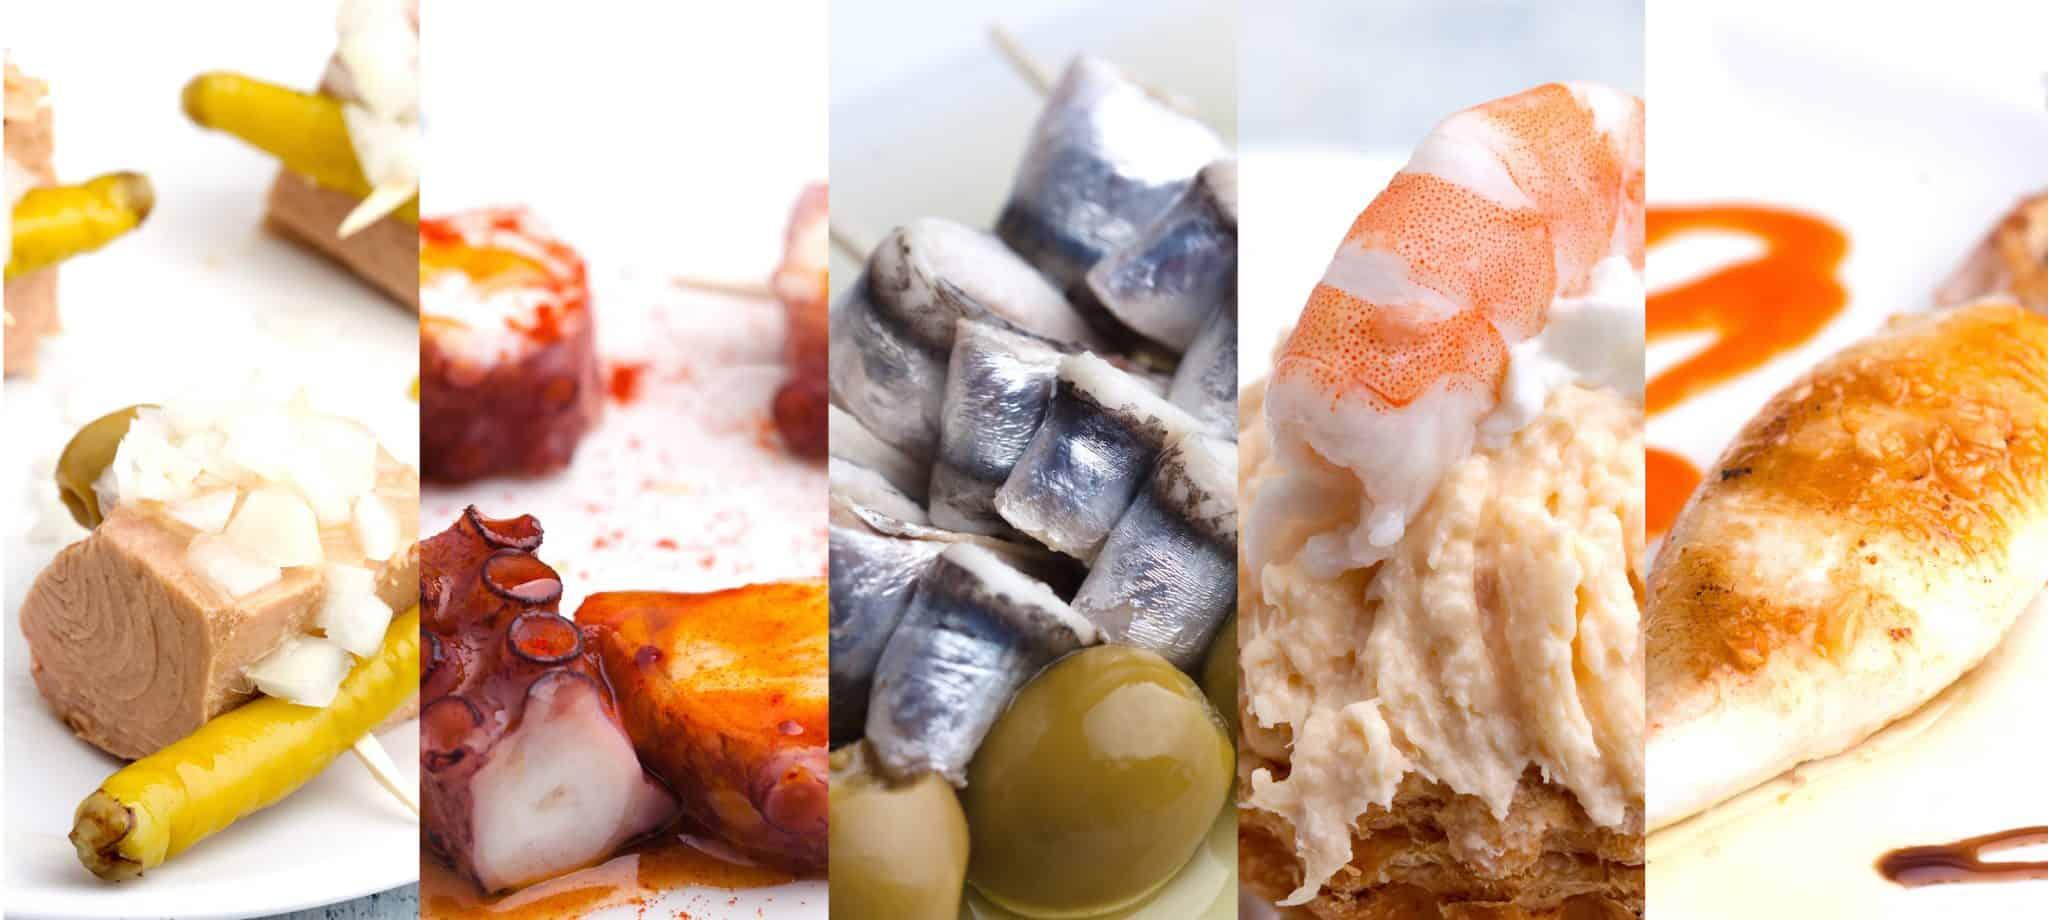 افضل 3 مطاعم موصى بها في زيلامسي النمسا